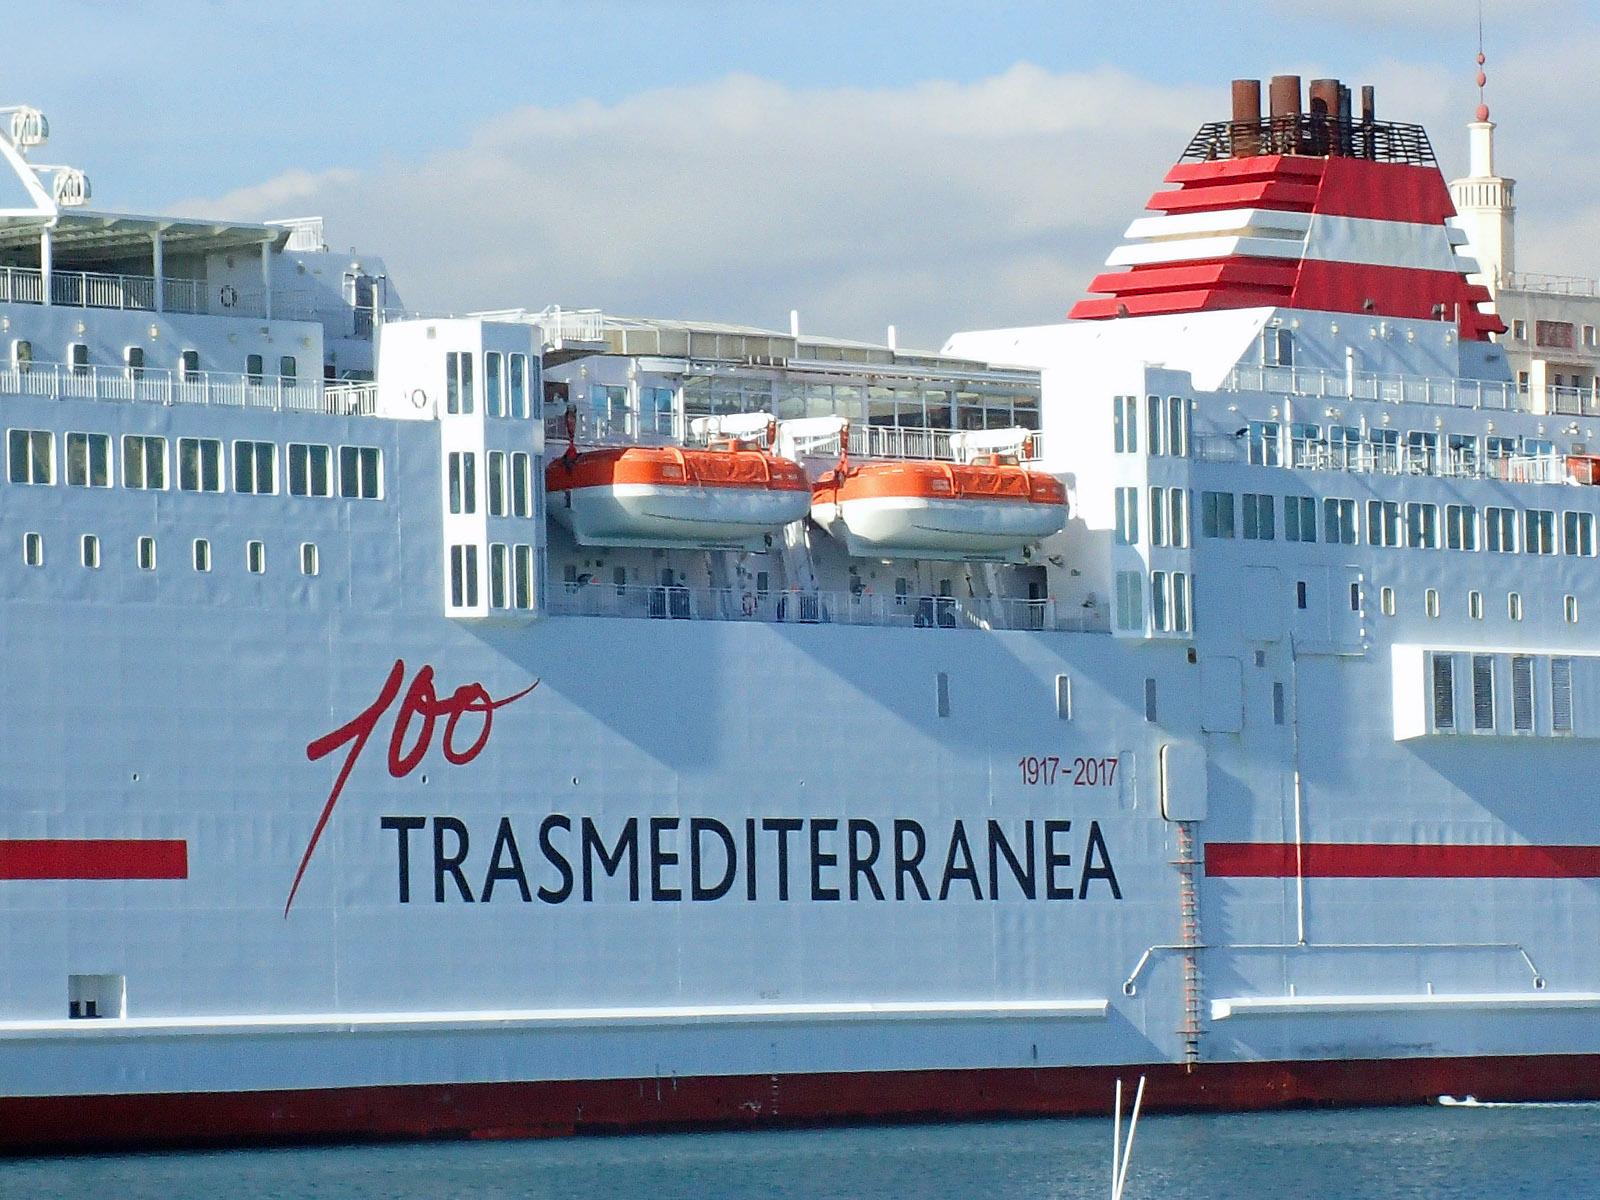 Trasmediterranea - Medeiterranea